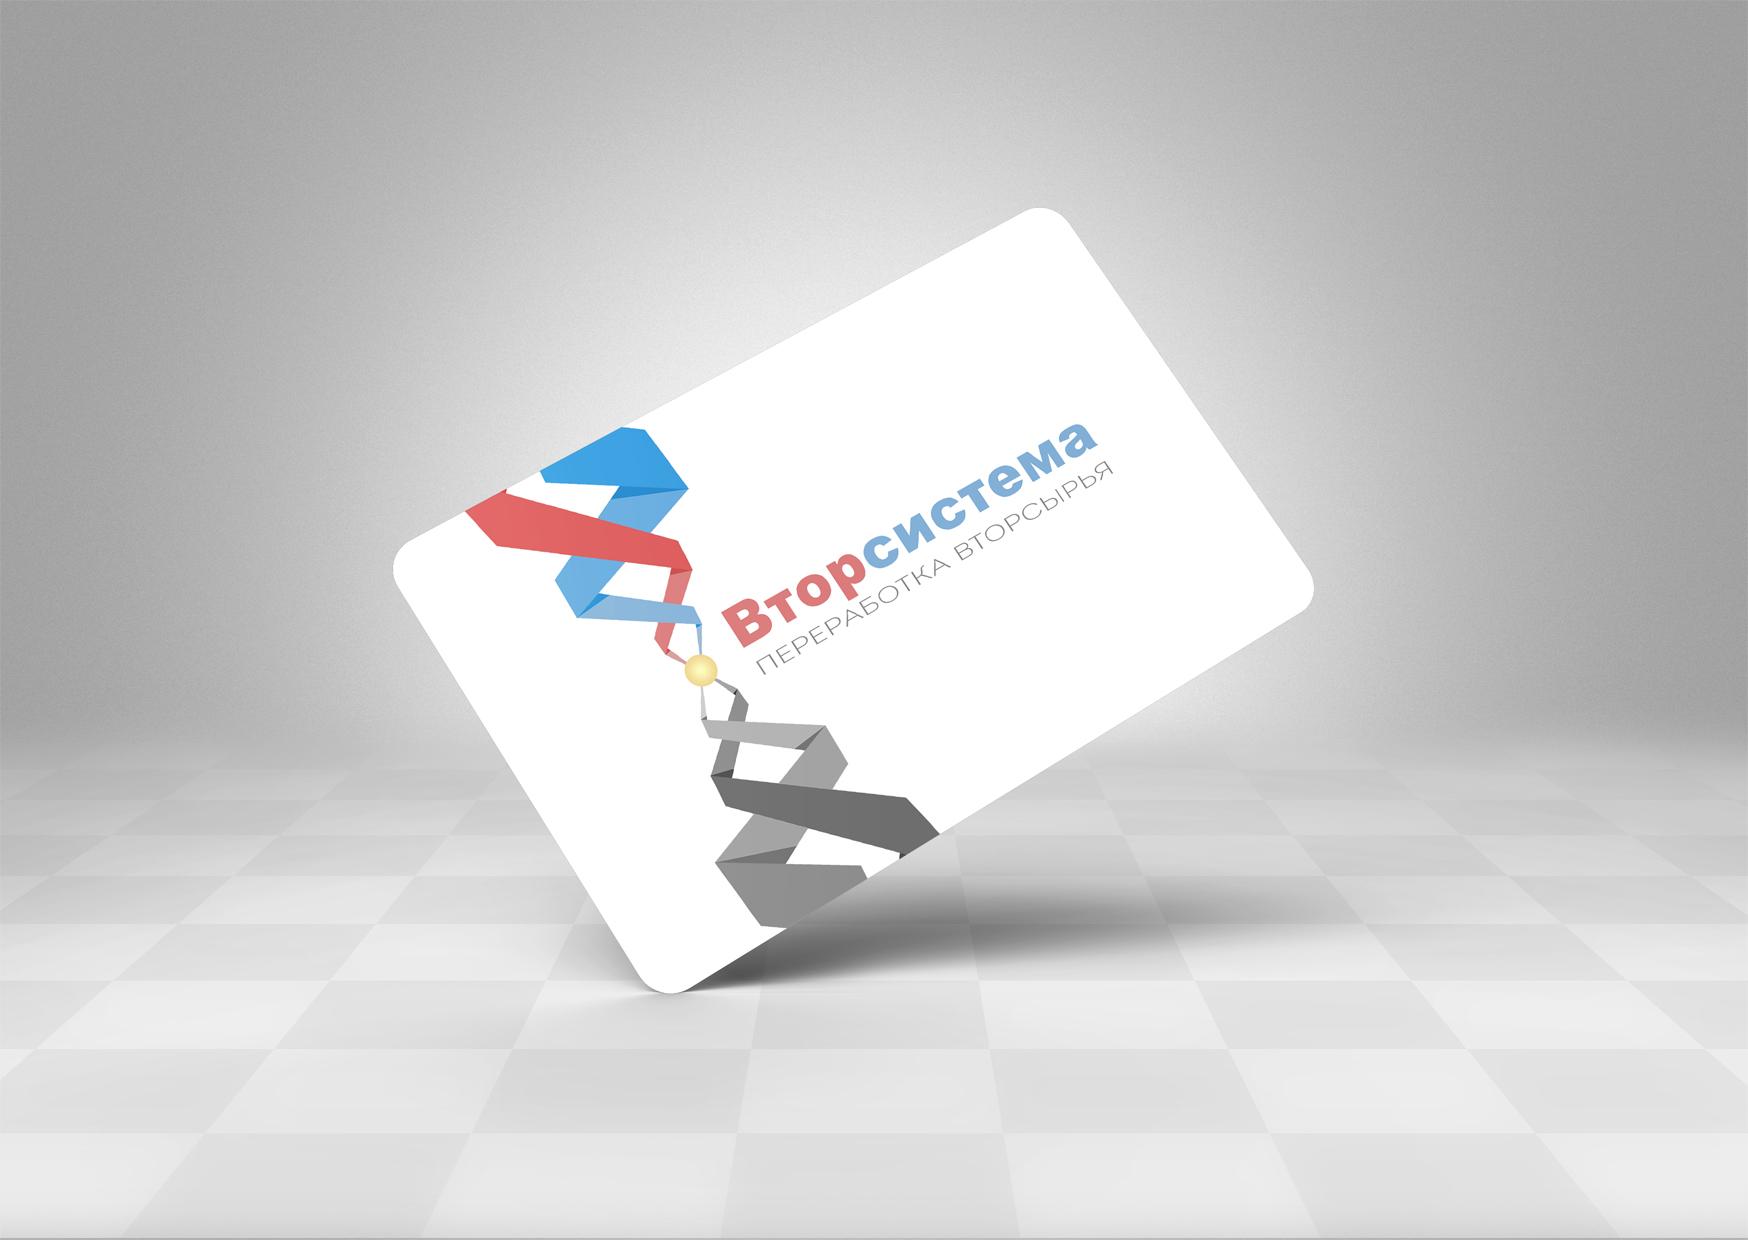 Нужно разработать логотип и дизайн визитки фото f_363554dcdc9dd37d.jpg